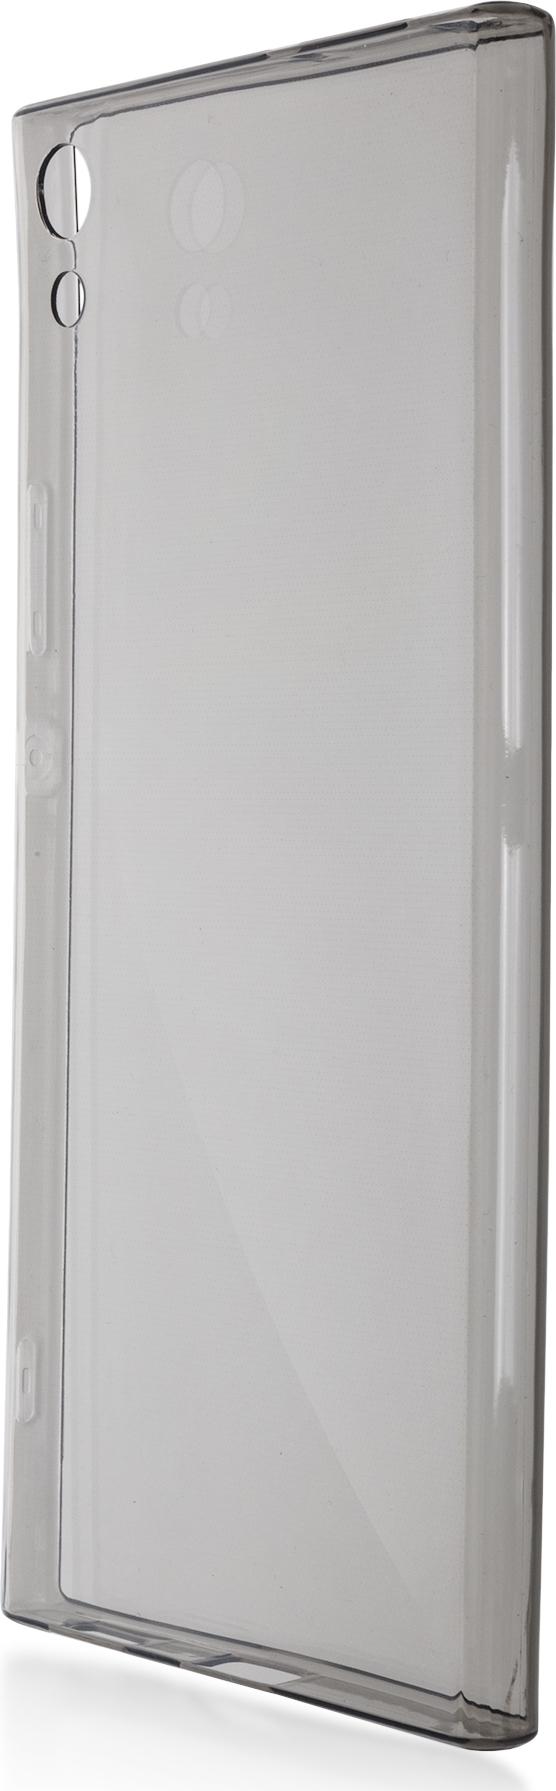 Чехол Brosco TPU для Sony Xperia XA1 Ultra, черный чехол для sony i4213 xperia 10 plus brosco силиконовая накладка черный